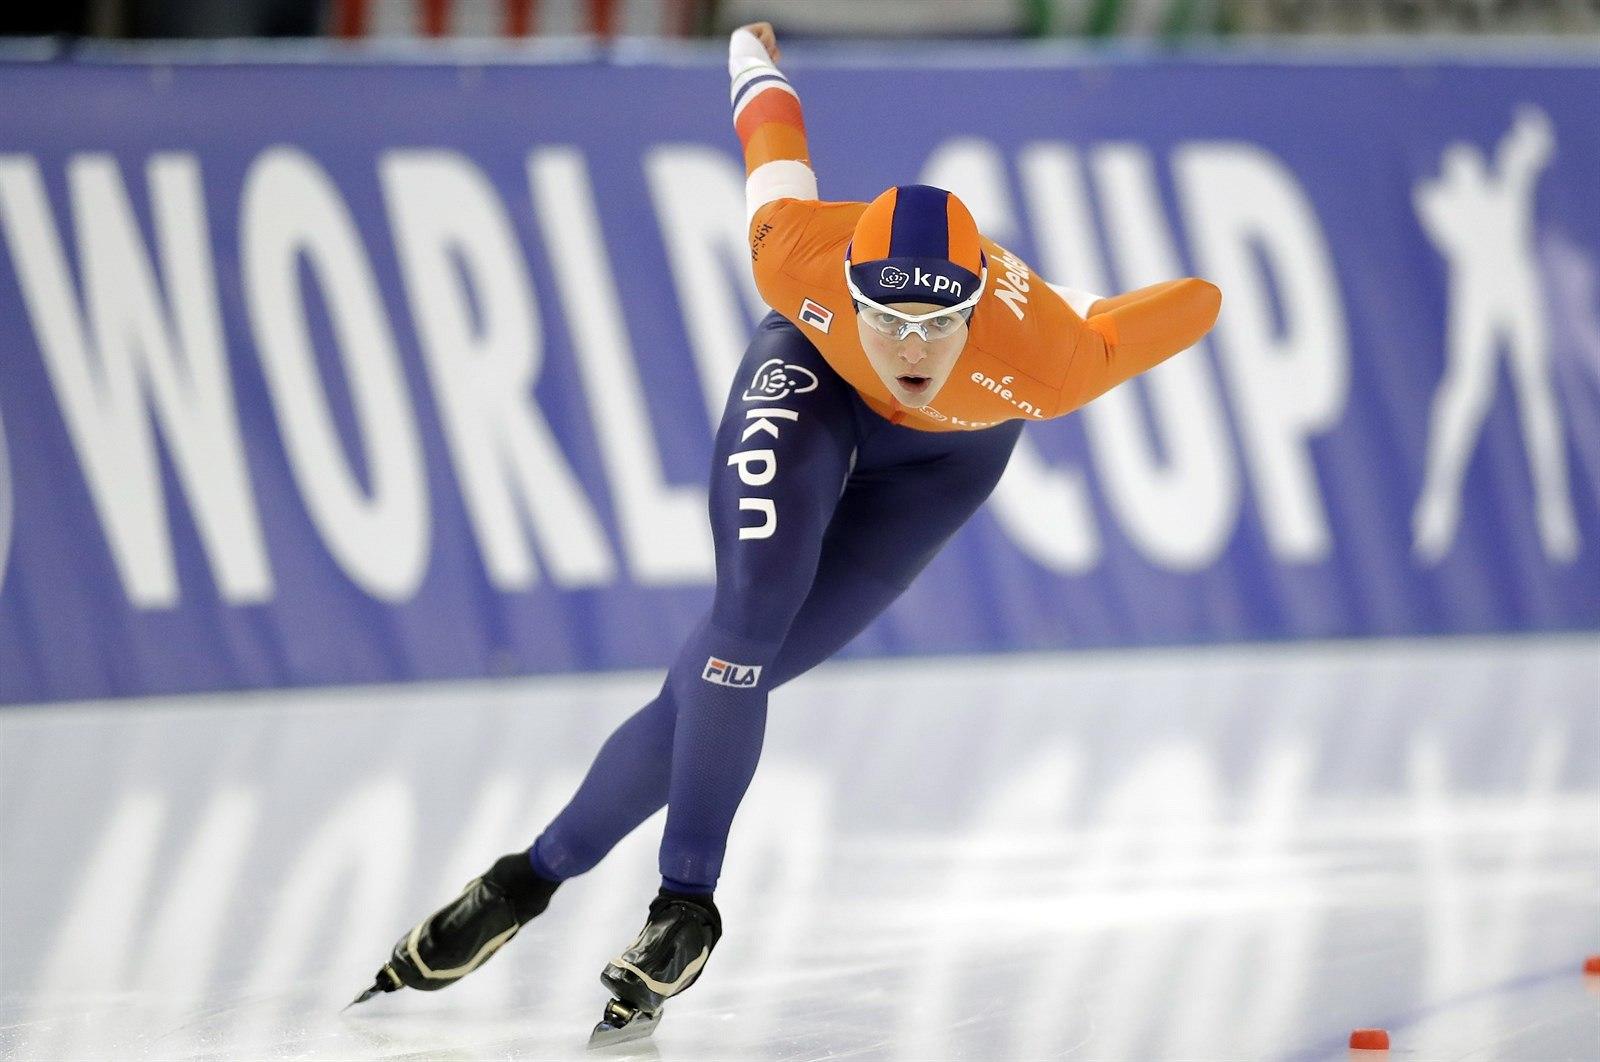 Marrit Leenstraová opět potěšila Nizozemsko